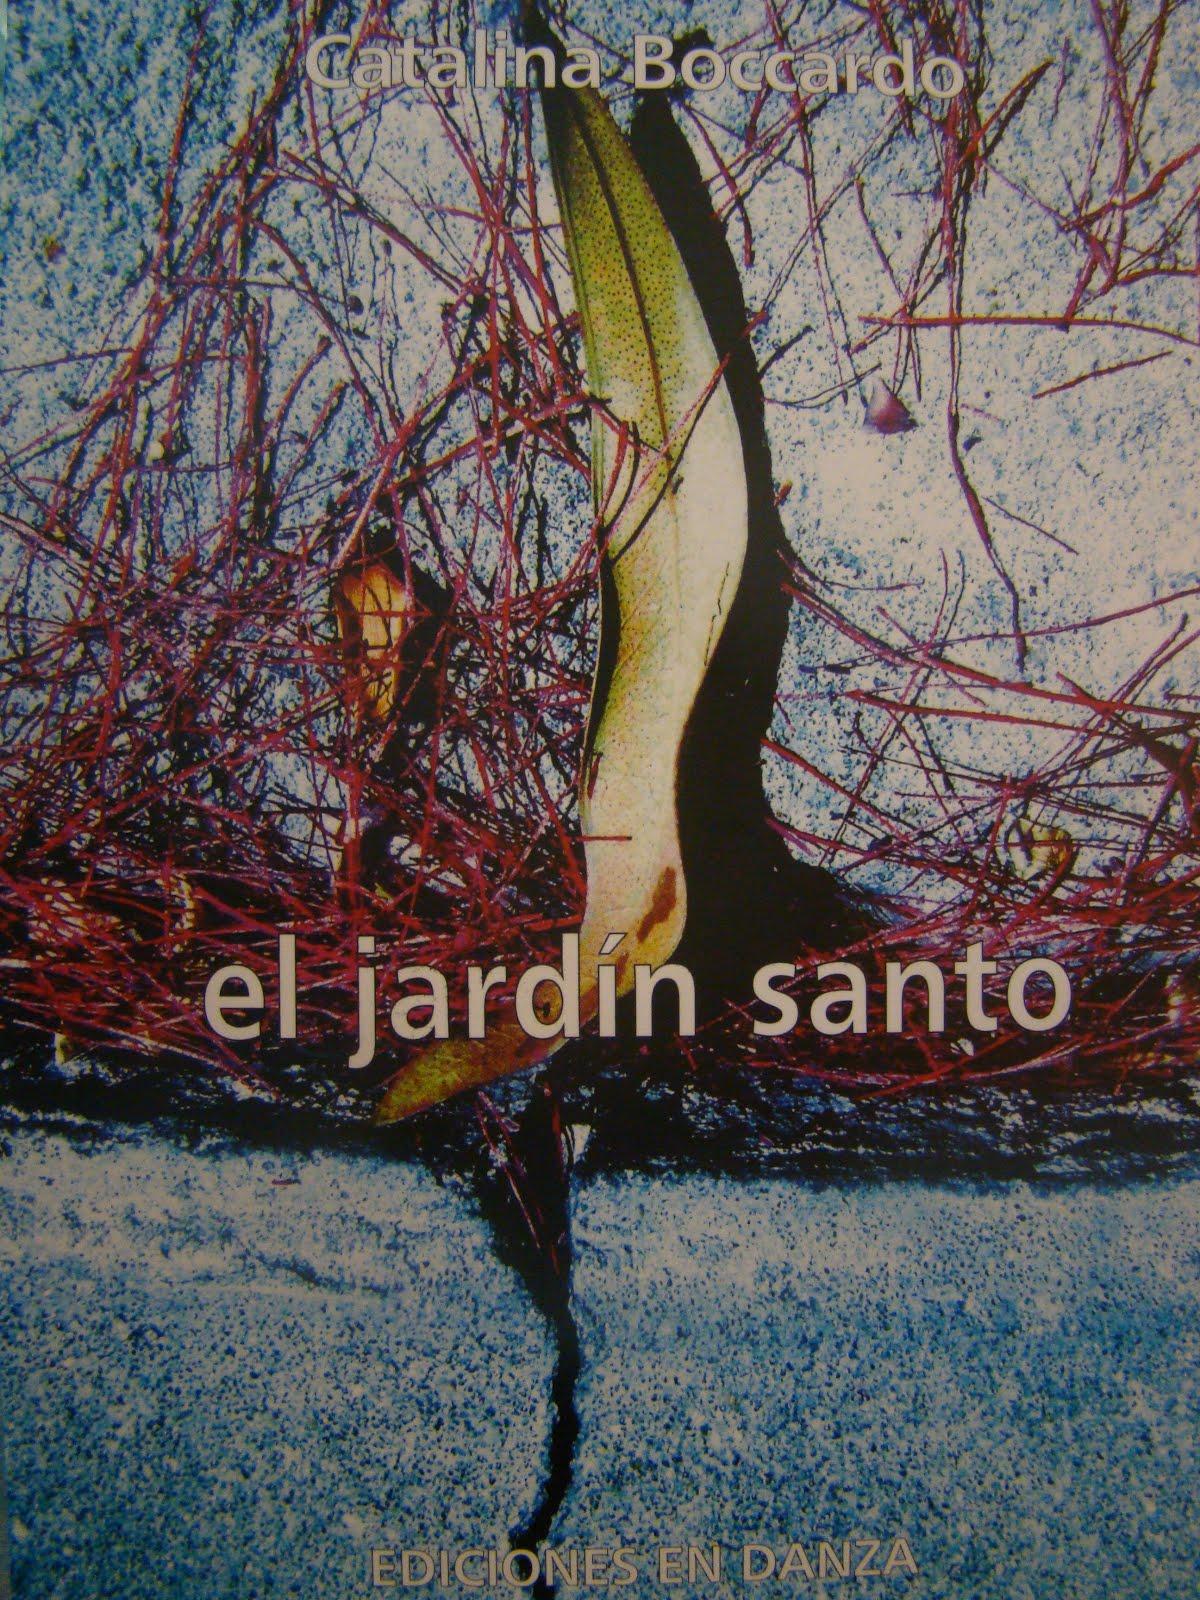 el jardín santo (en danza, 2011)